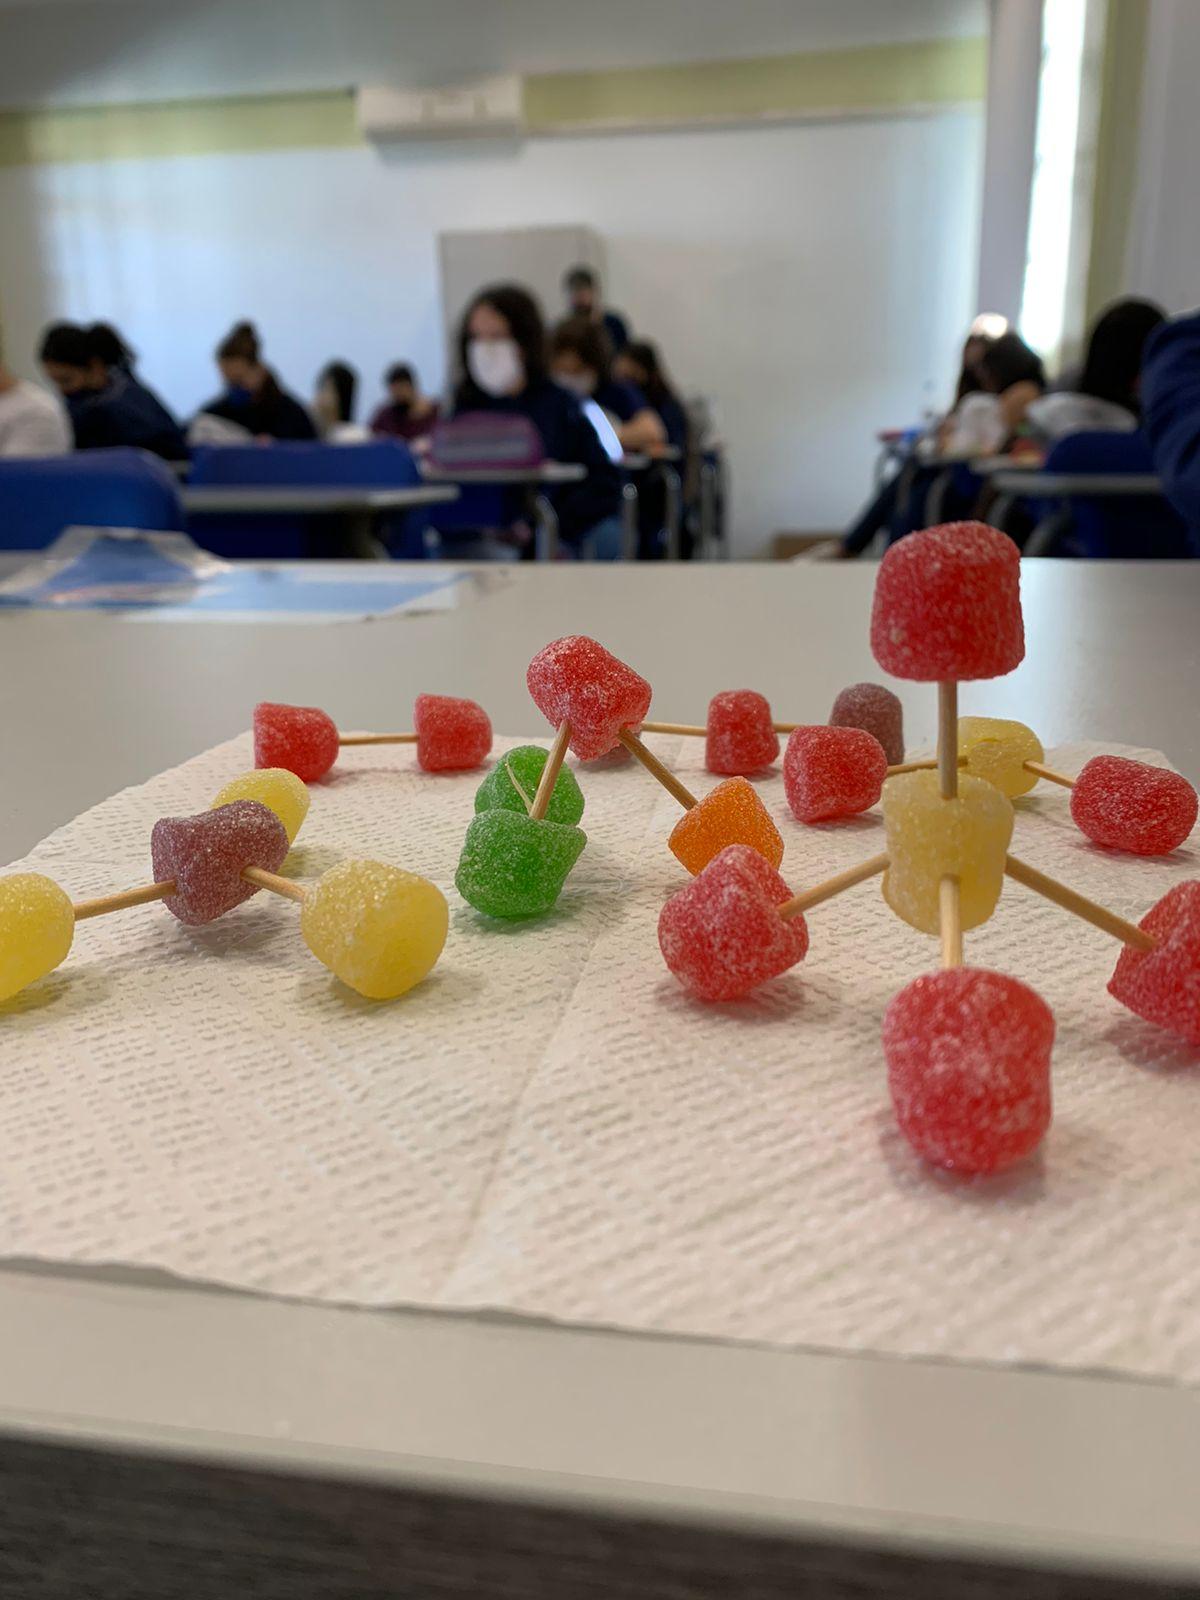 Ensino Médio elaboraram, em 3D, as formas geométricas